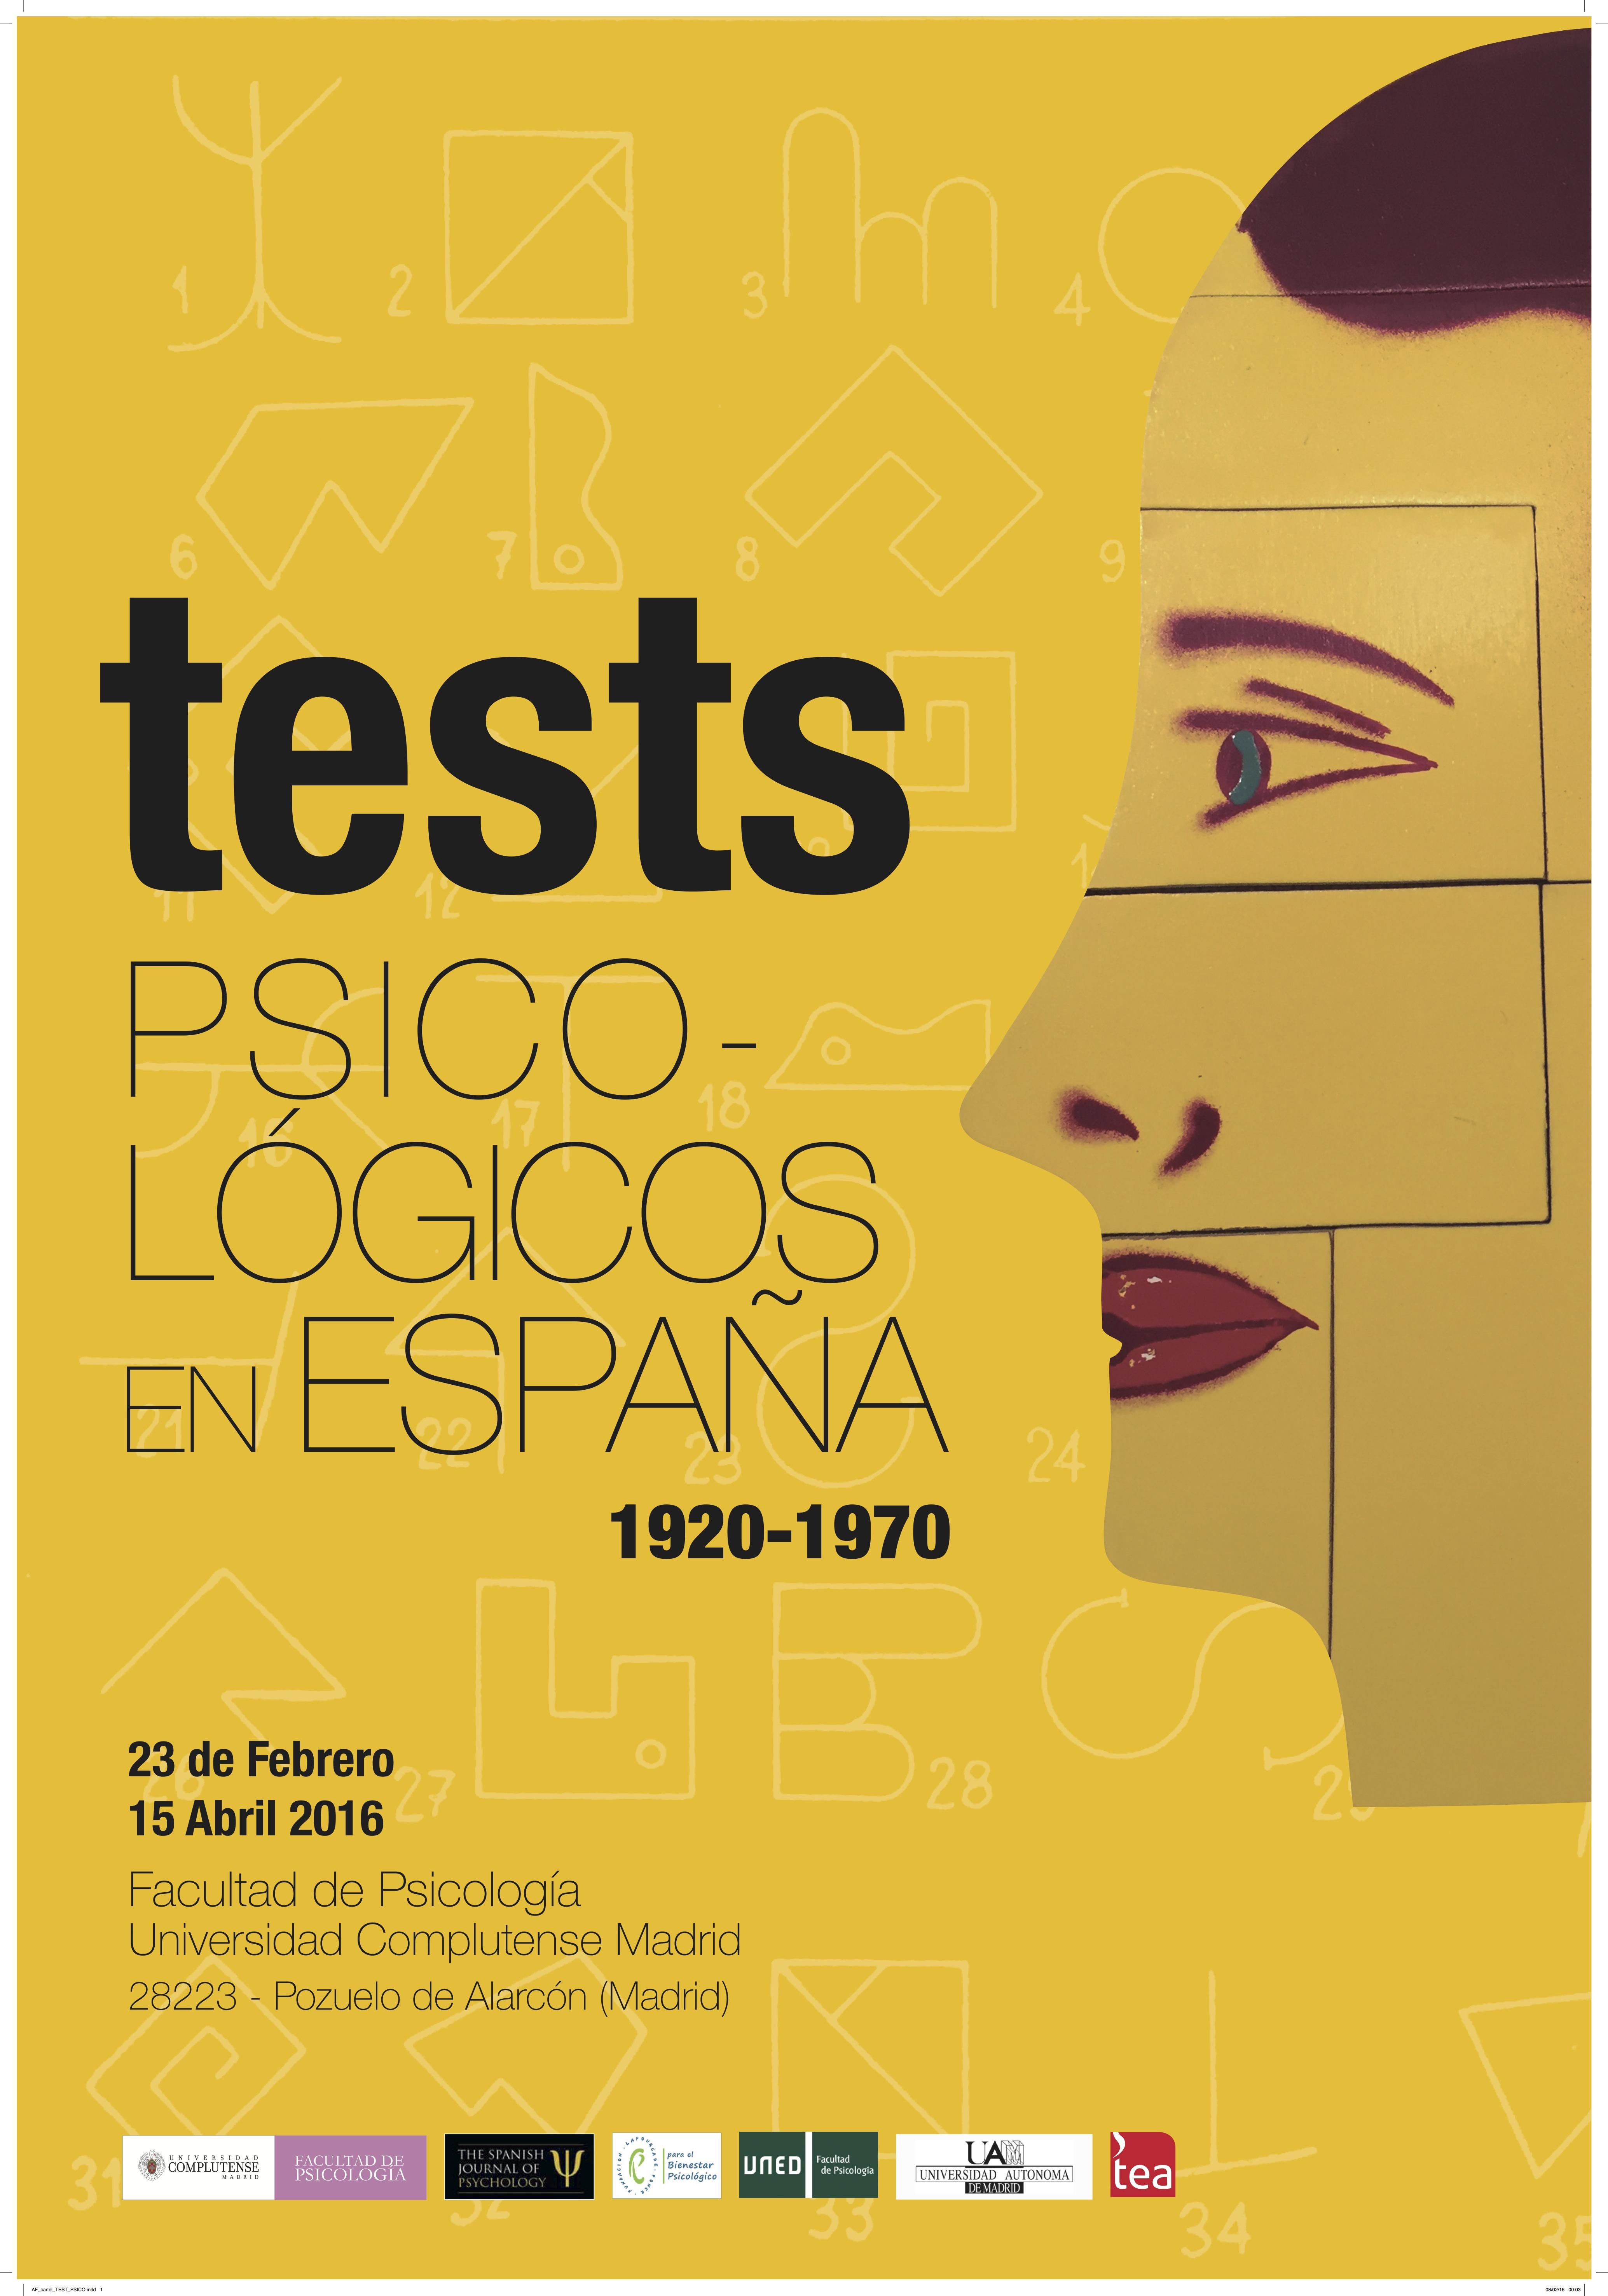 CARTEL EXPOSICIÓN TESTS PSICOLÓGICOS 1920-1970